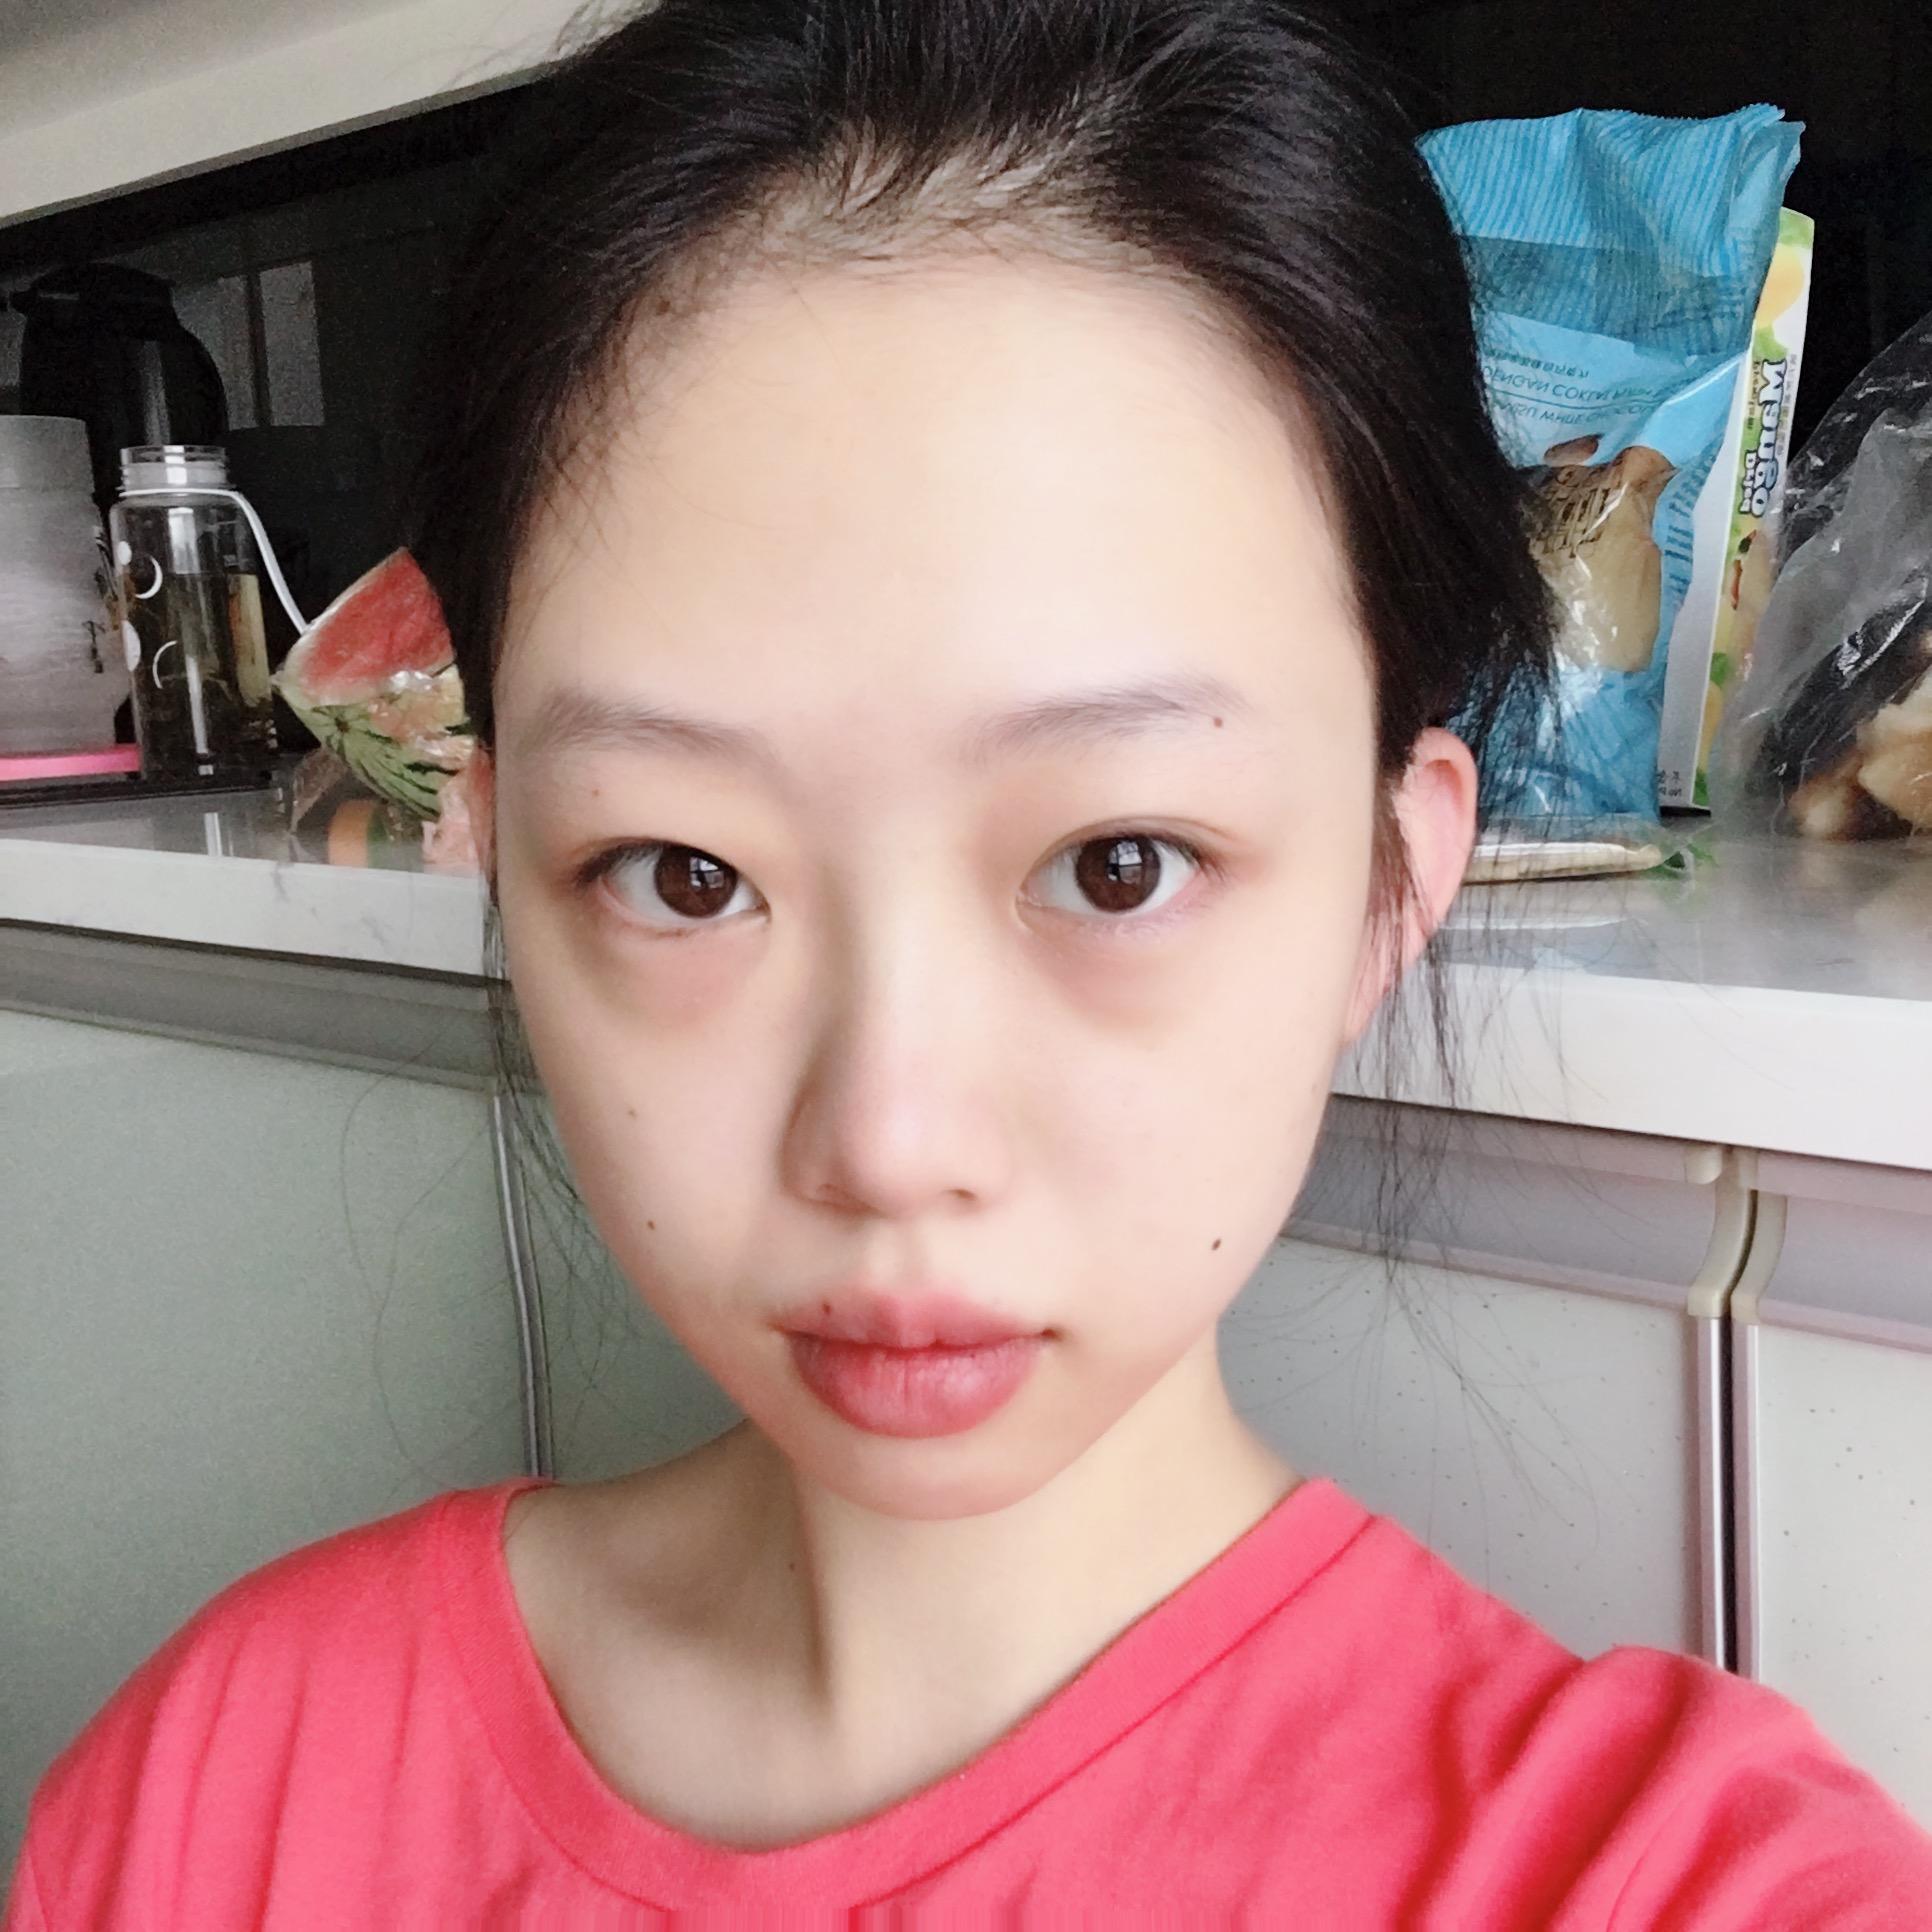 在温州苍南人民医院整形外科做了激光祛眼袋 让我变得更加明媚动人